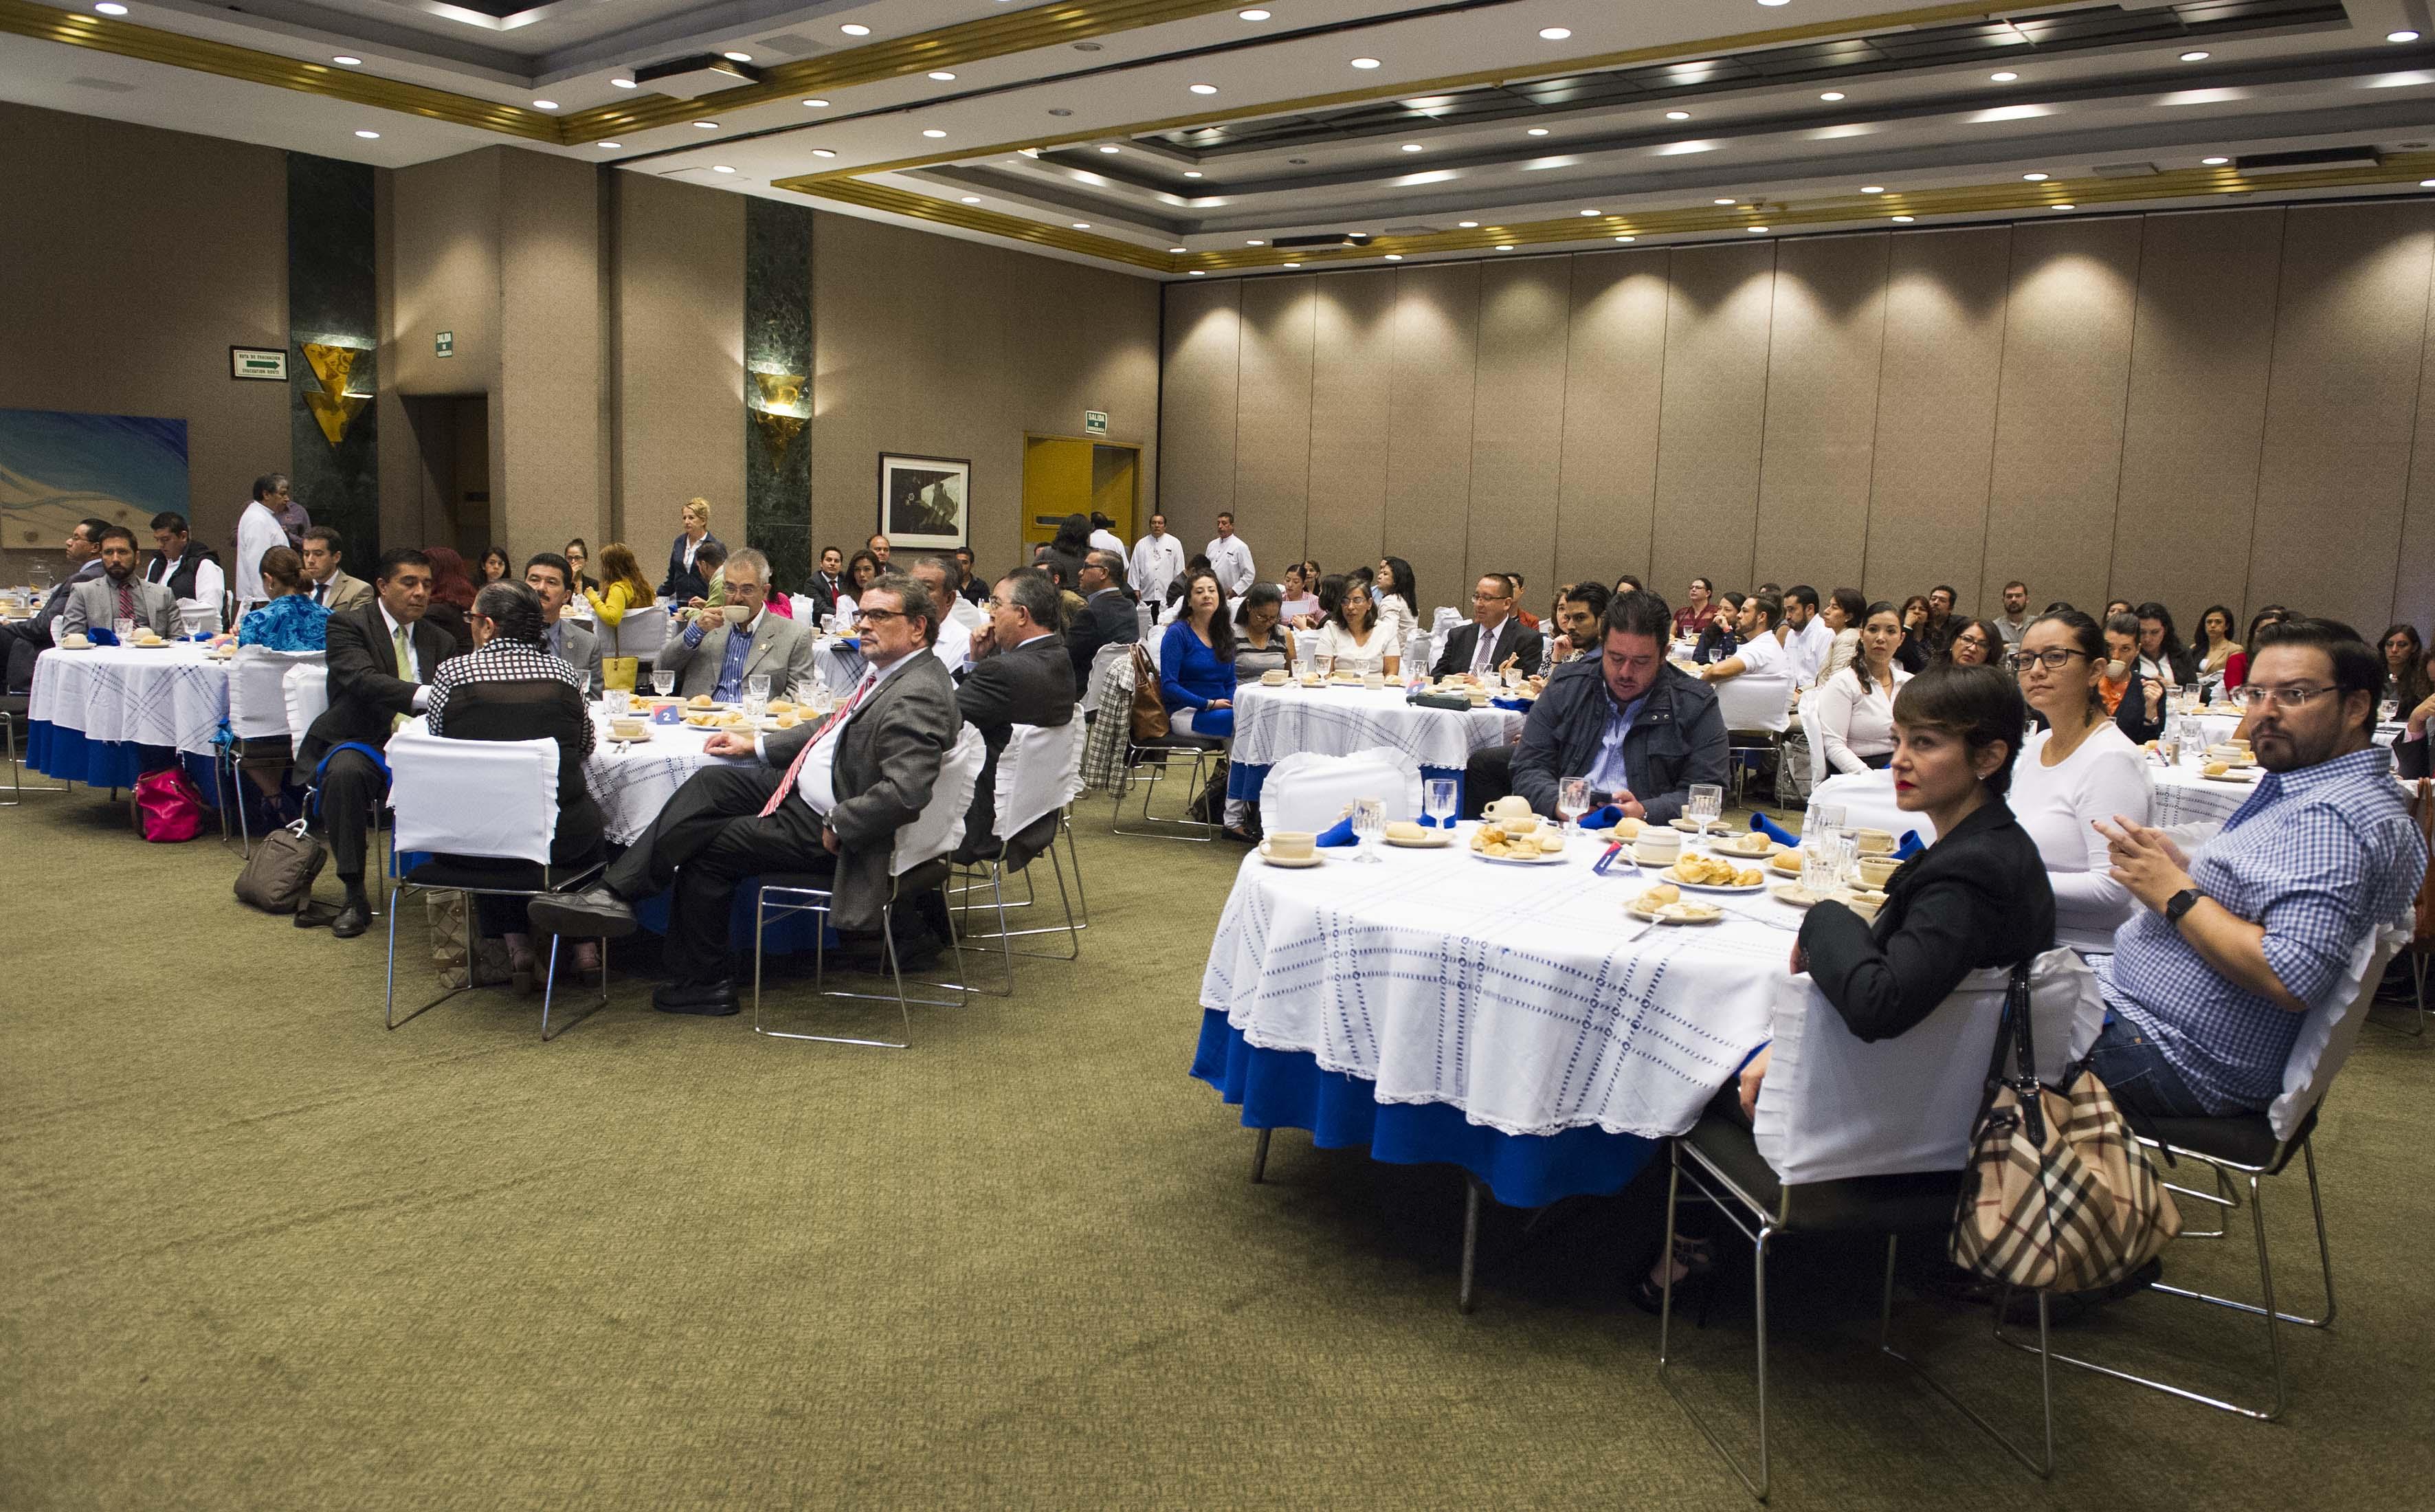 2, evaluaciones - Jalisco, Guadalajara Sigma Alimentos es una empresa Mexicana dedicada a la producción, distribución y comercialización de marcas altamente Ayer, p. m.